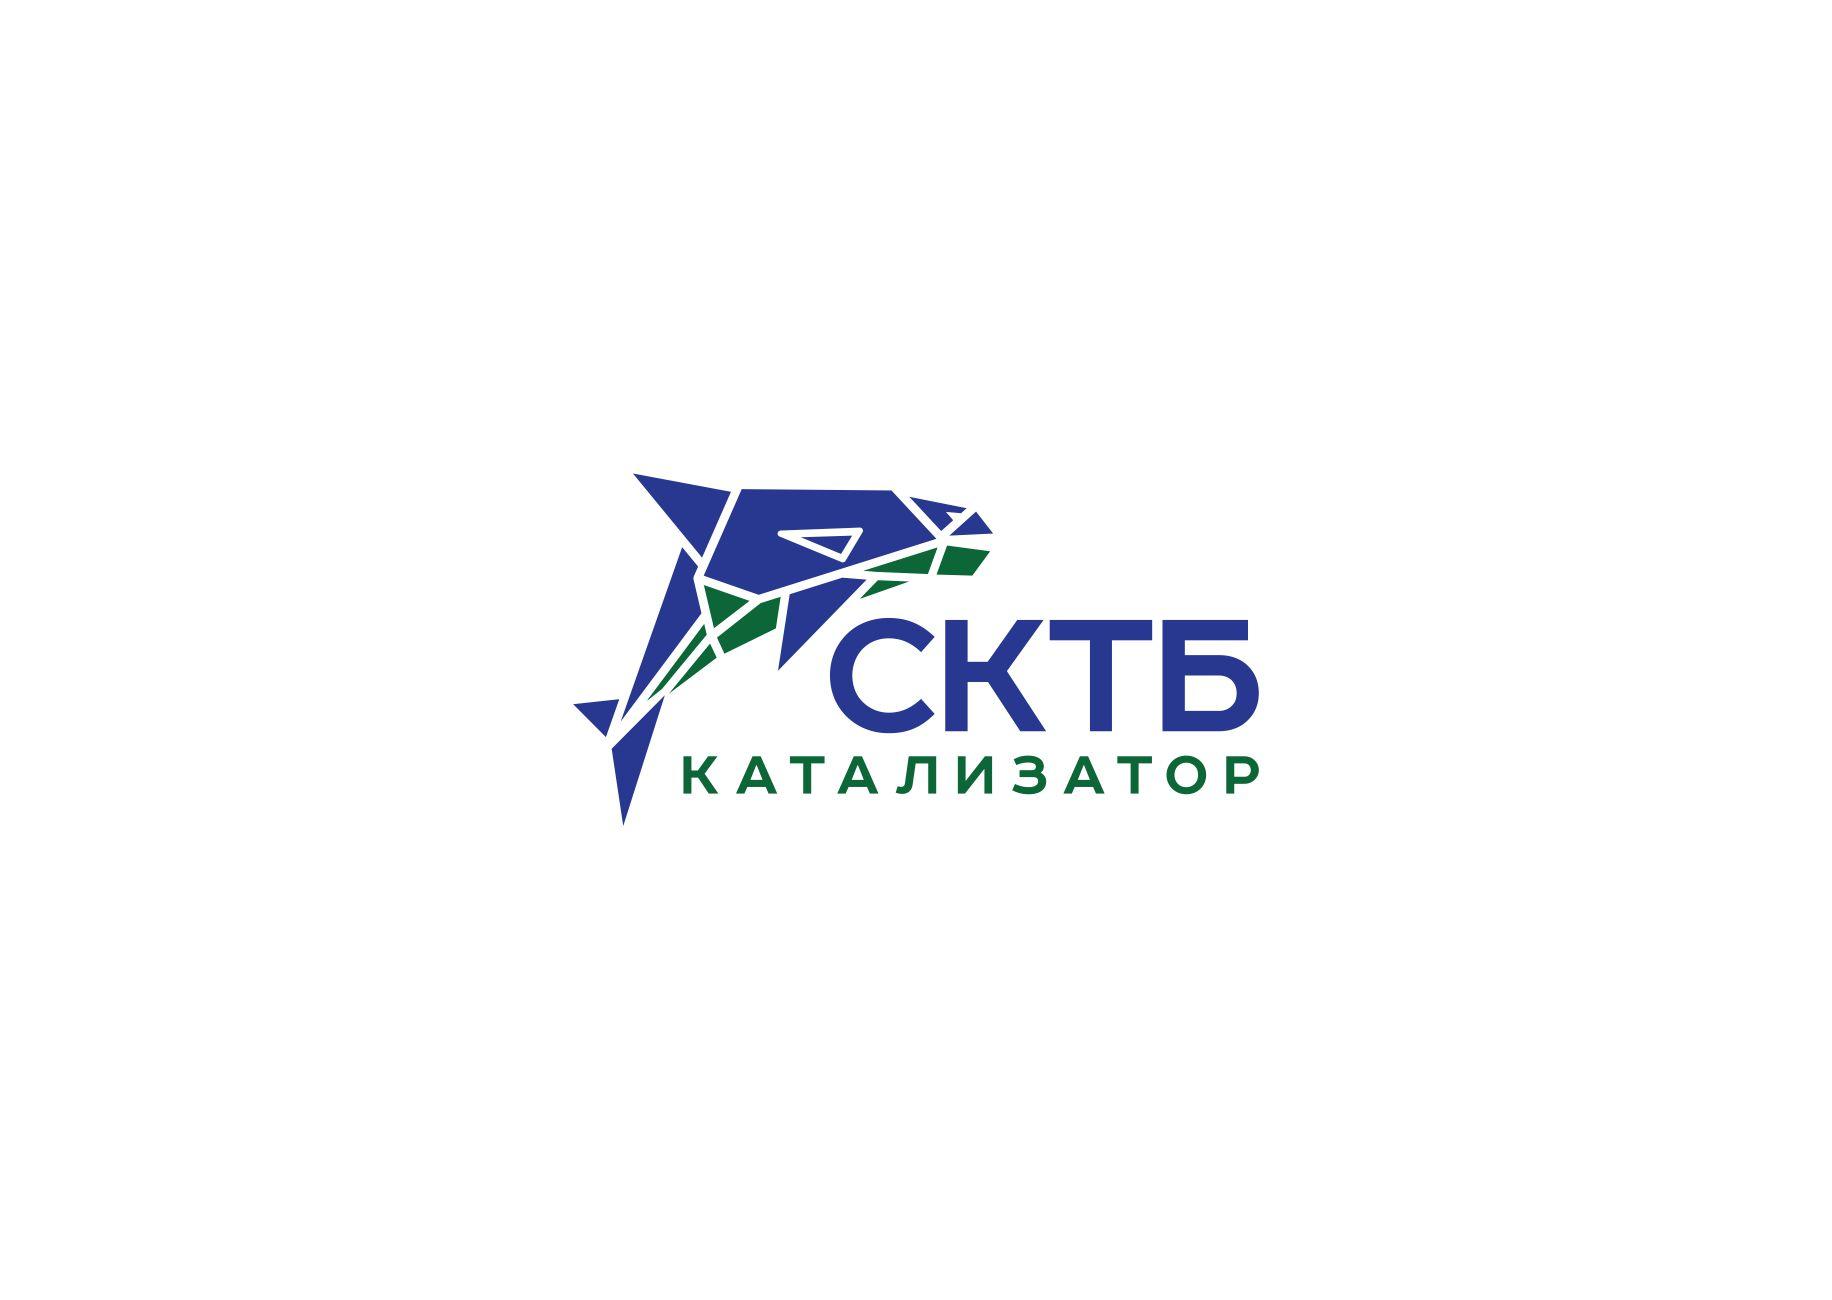 Разработка фирменного символа компании - касатки, НЕ ЛОГОТИП фото f_8635afe5a0fccce4.jpg